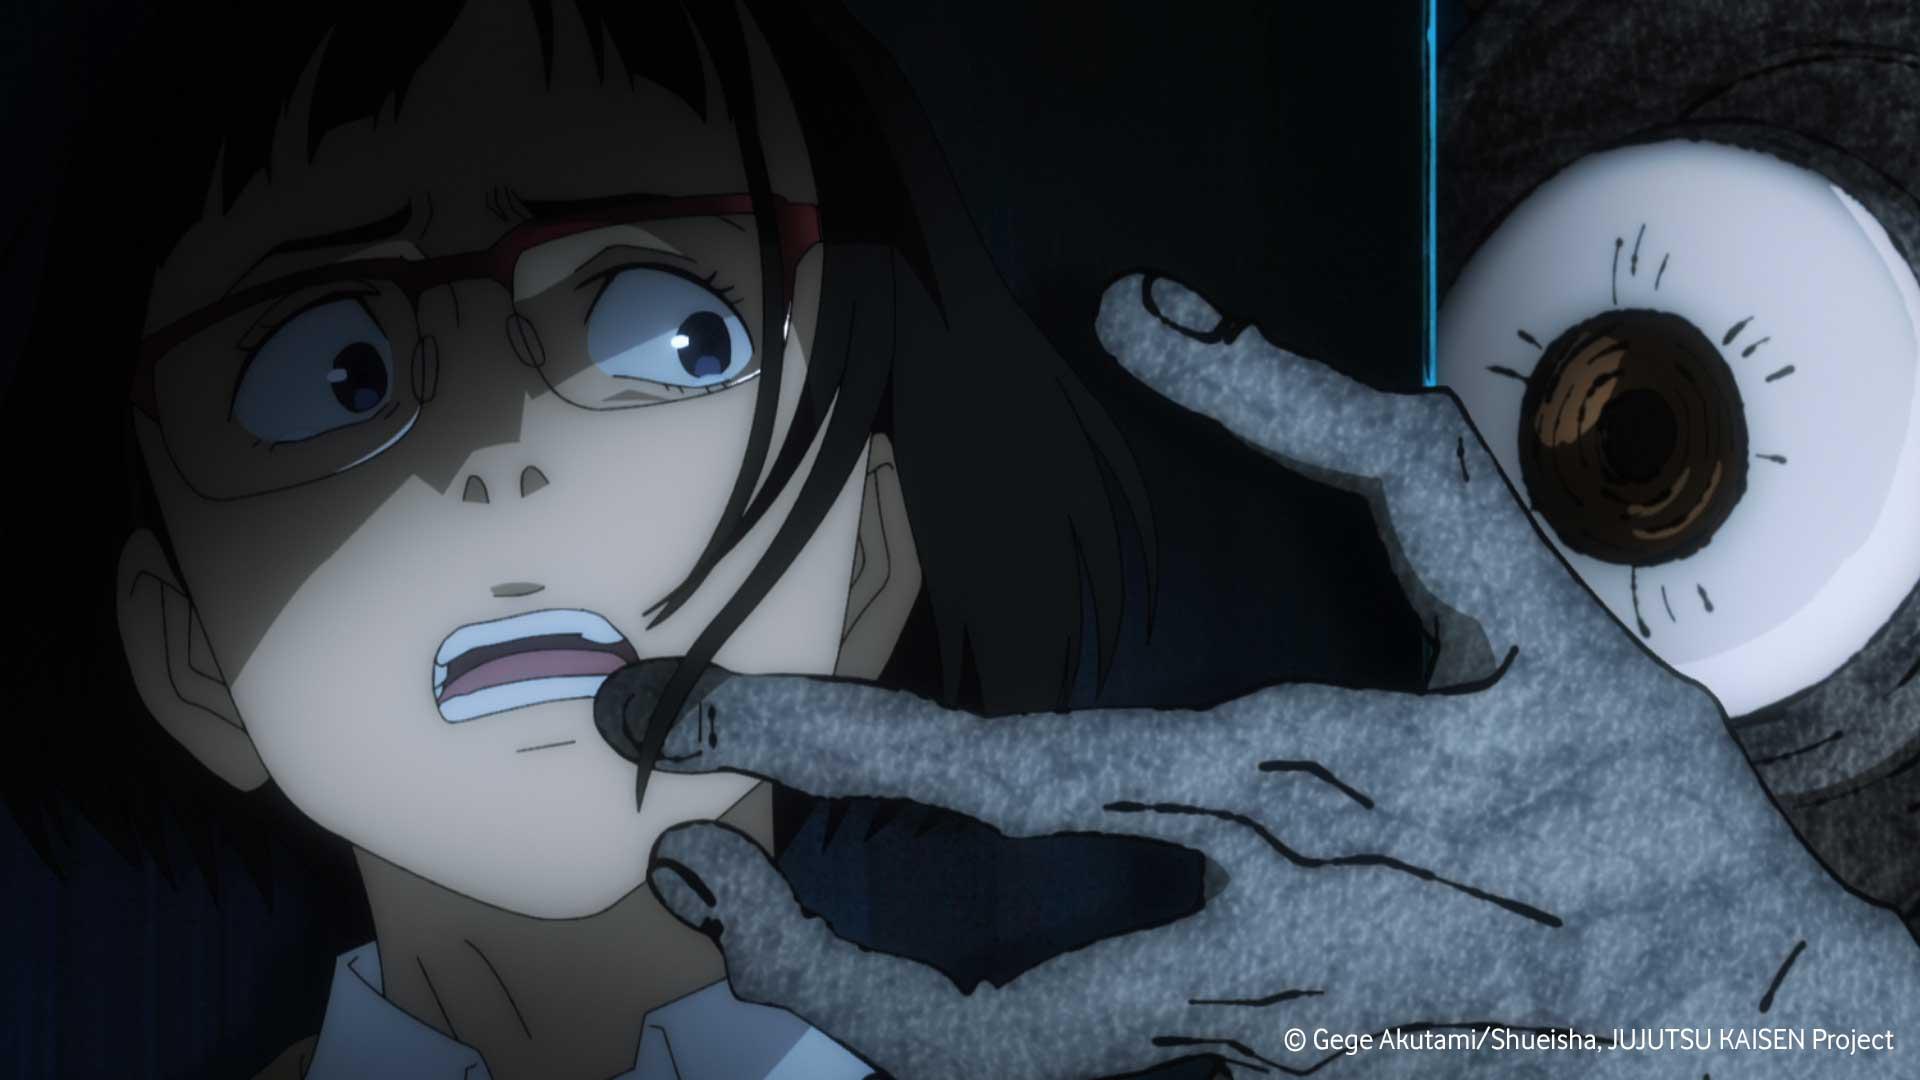 Mädchen wird im Anime Jujutsu Kaisen von einem Fluch angegriffen